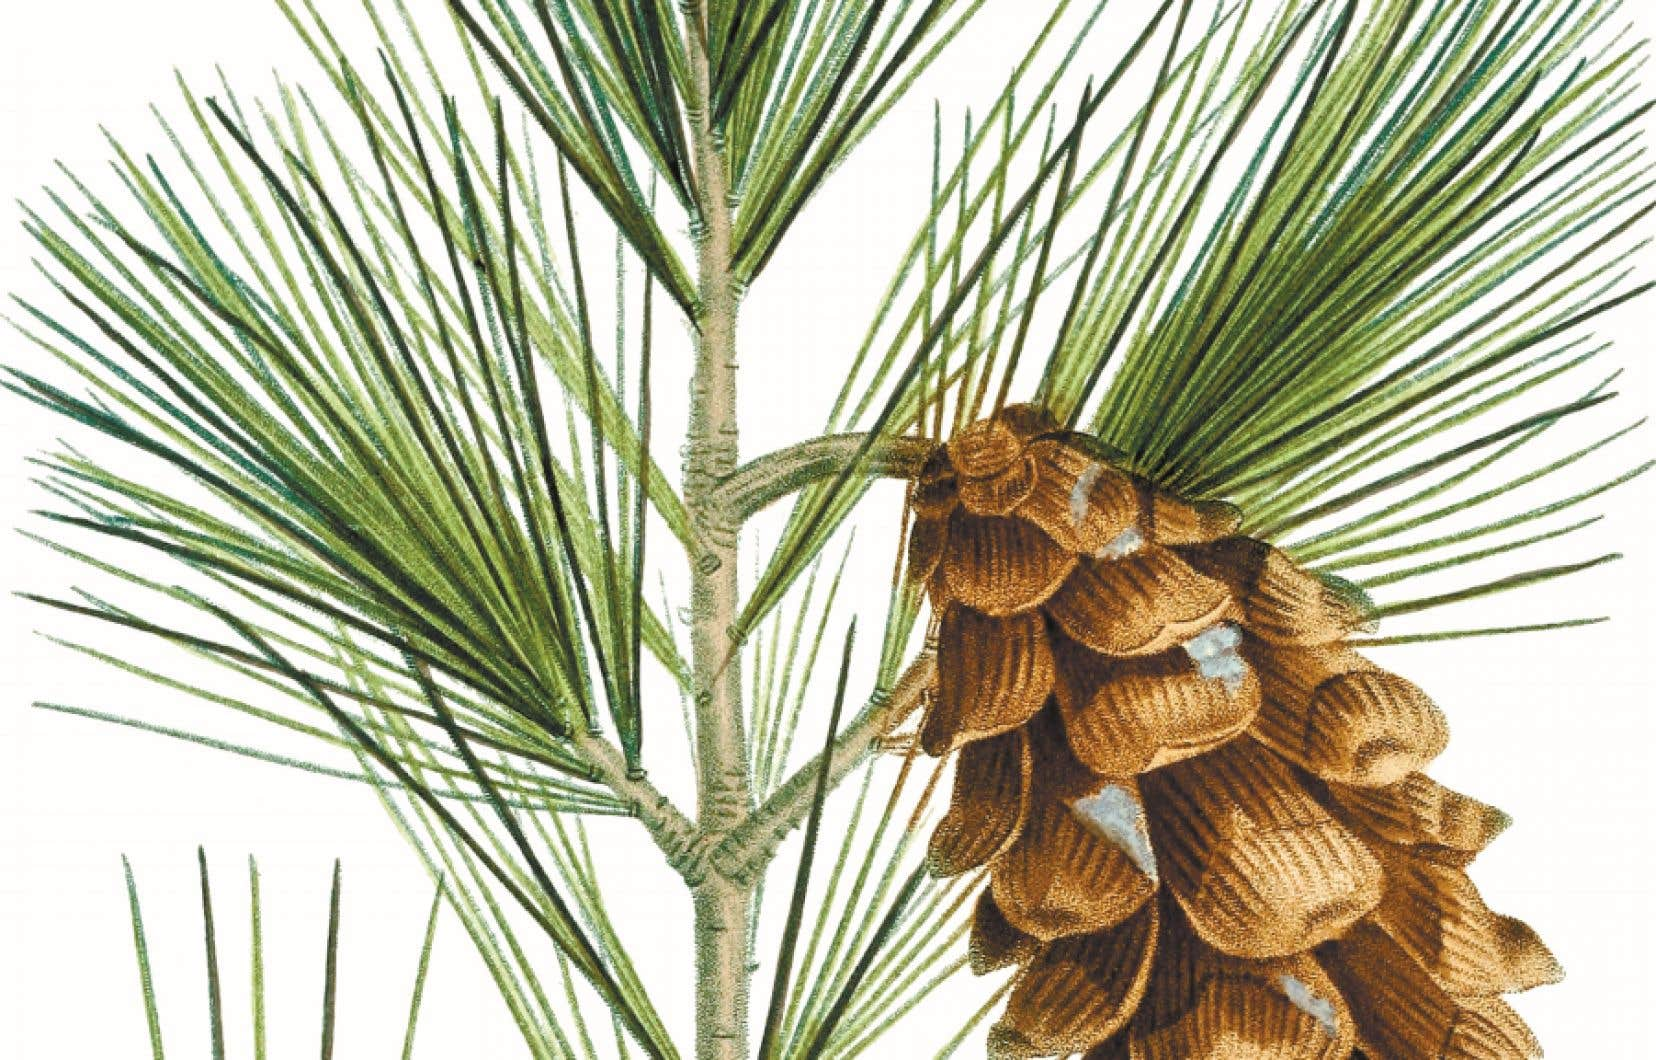 Le pin blanc («Pinus strobus»). Illustration tirée d'«Histoire des arbres forestiers de l'Amérique septentionale», de François André Michaux.